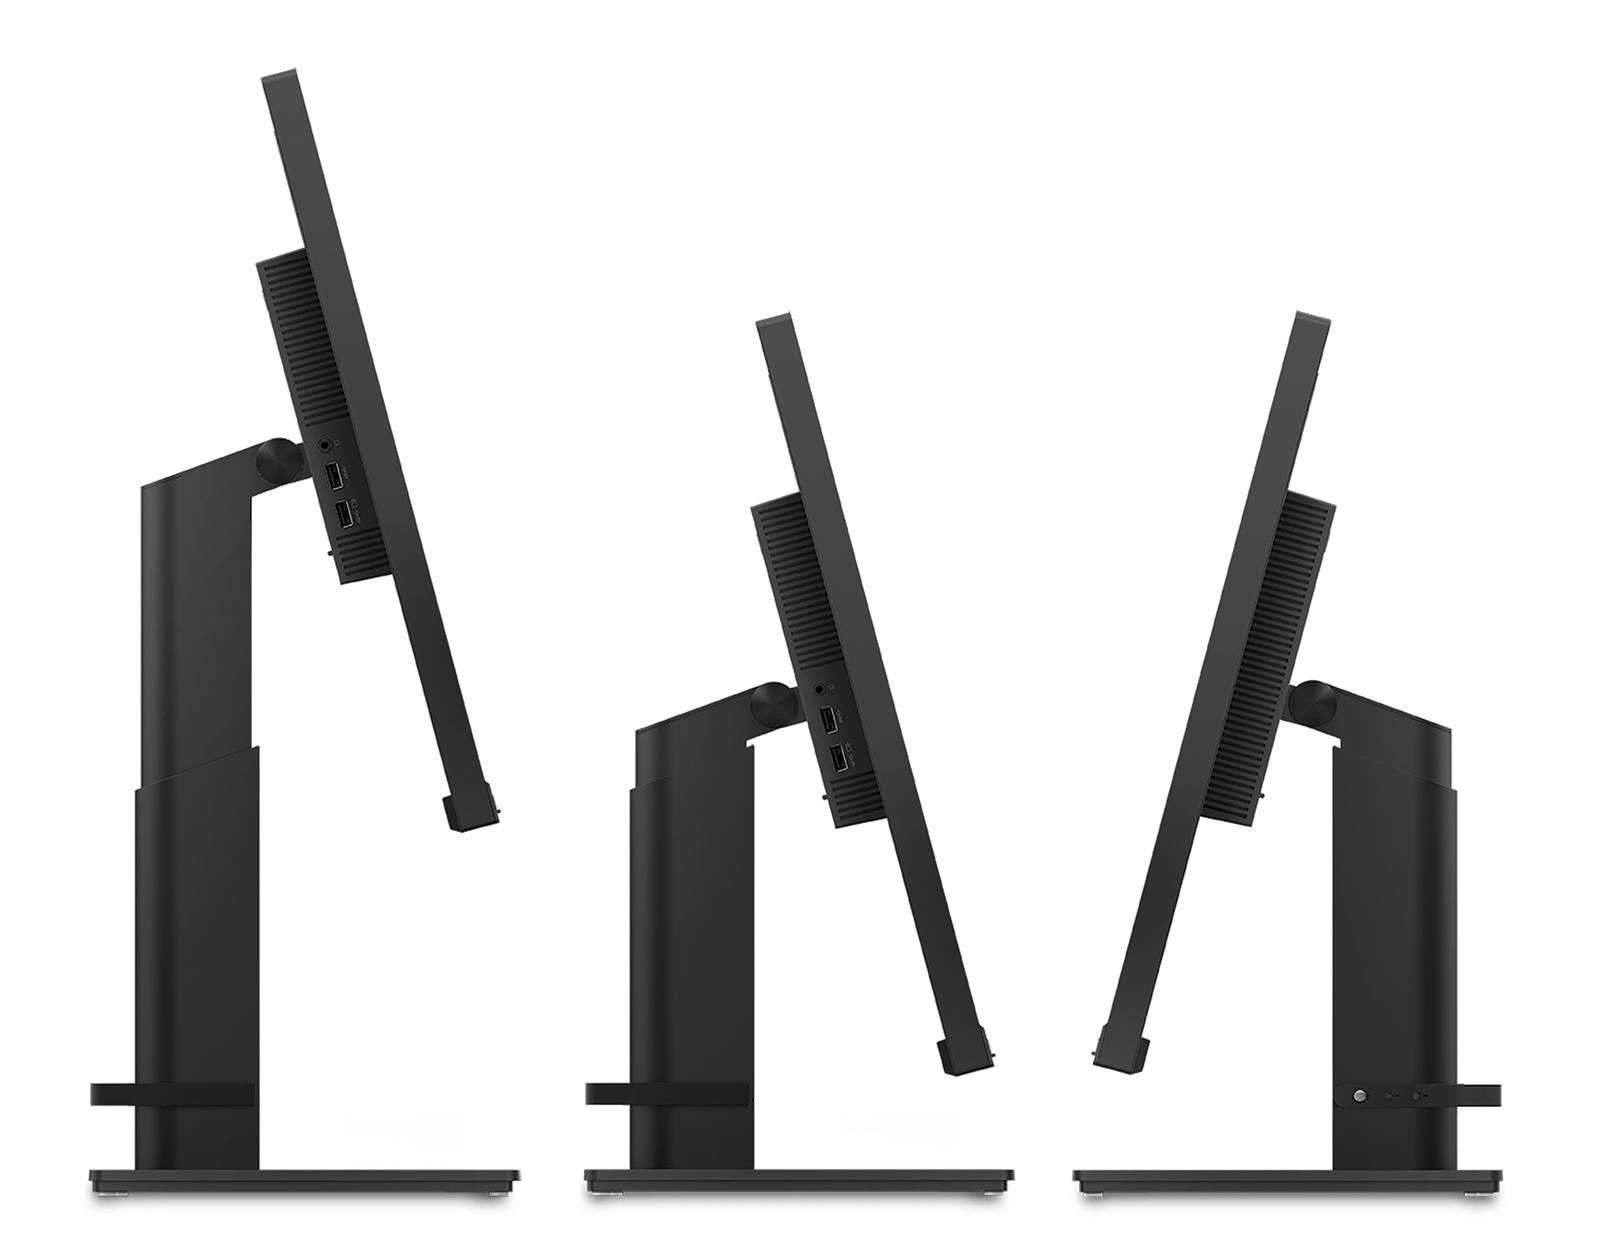 Recensione Lenovo ThinkVision T32P-20, design di qualità in 4K